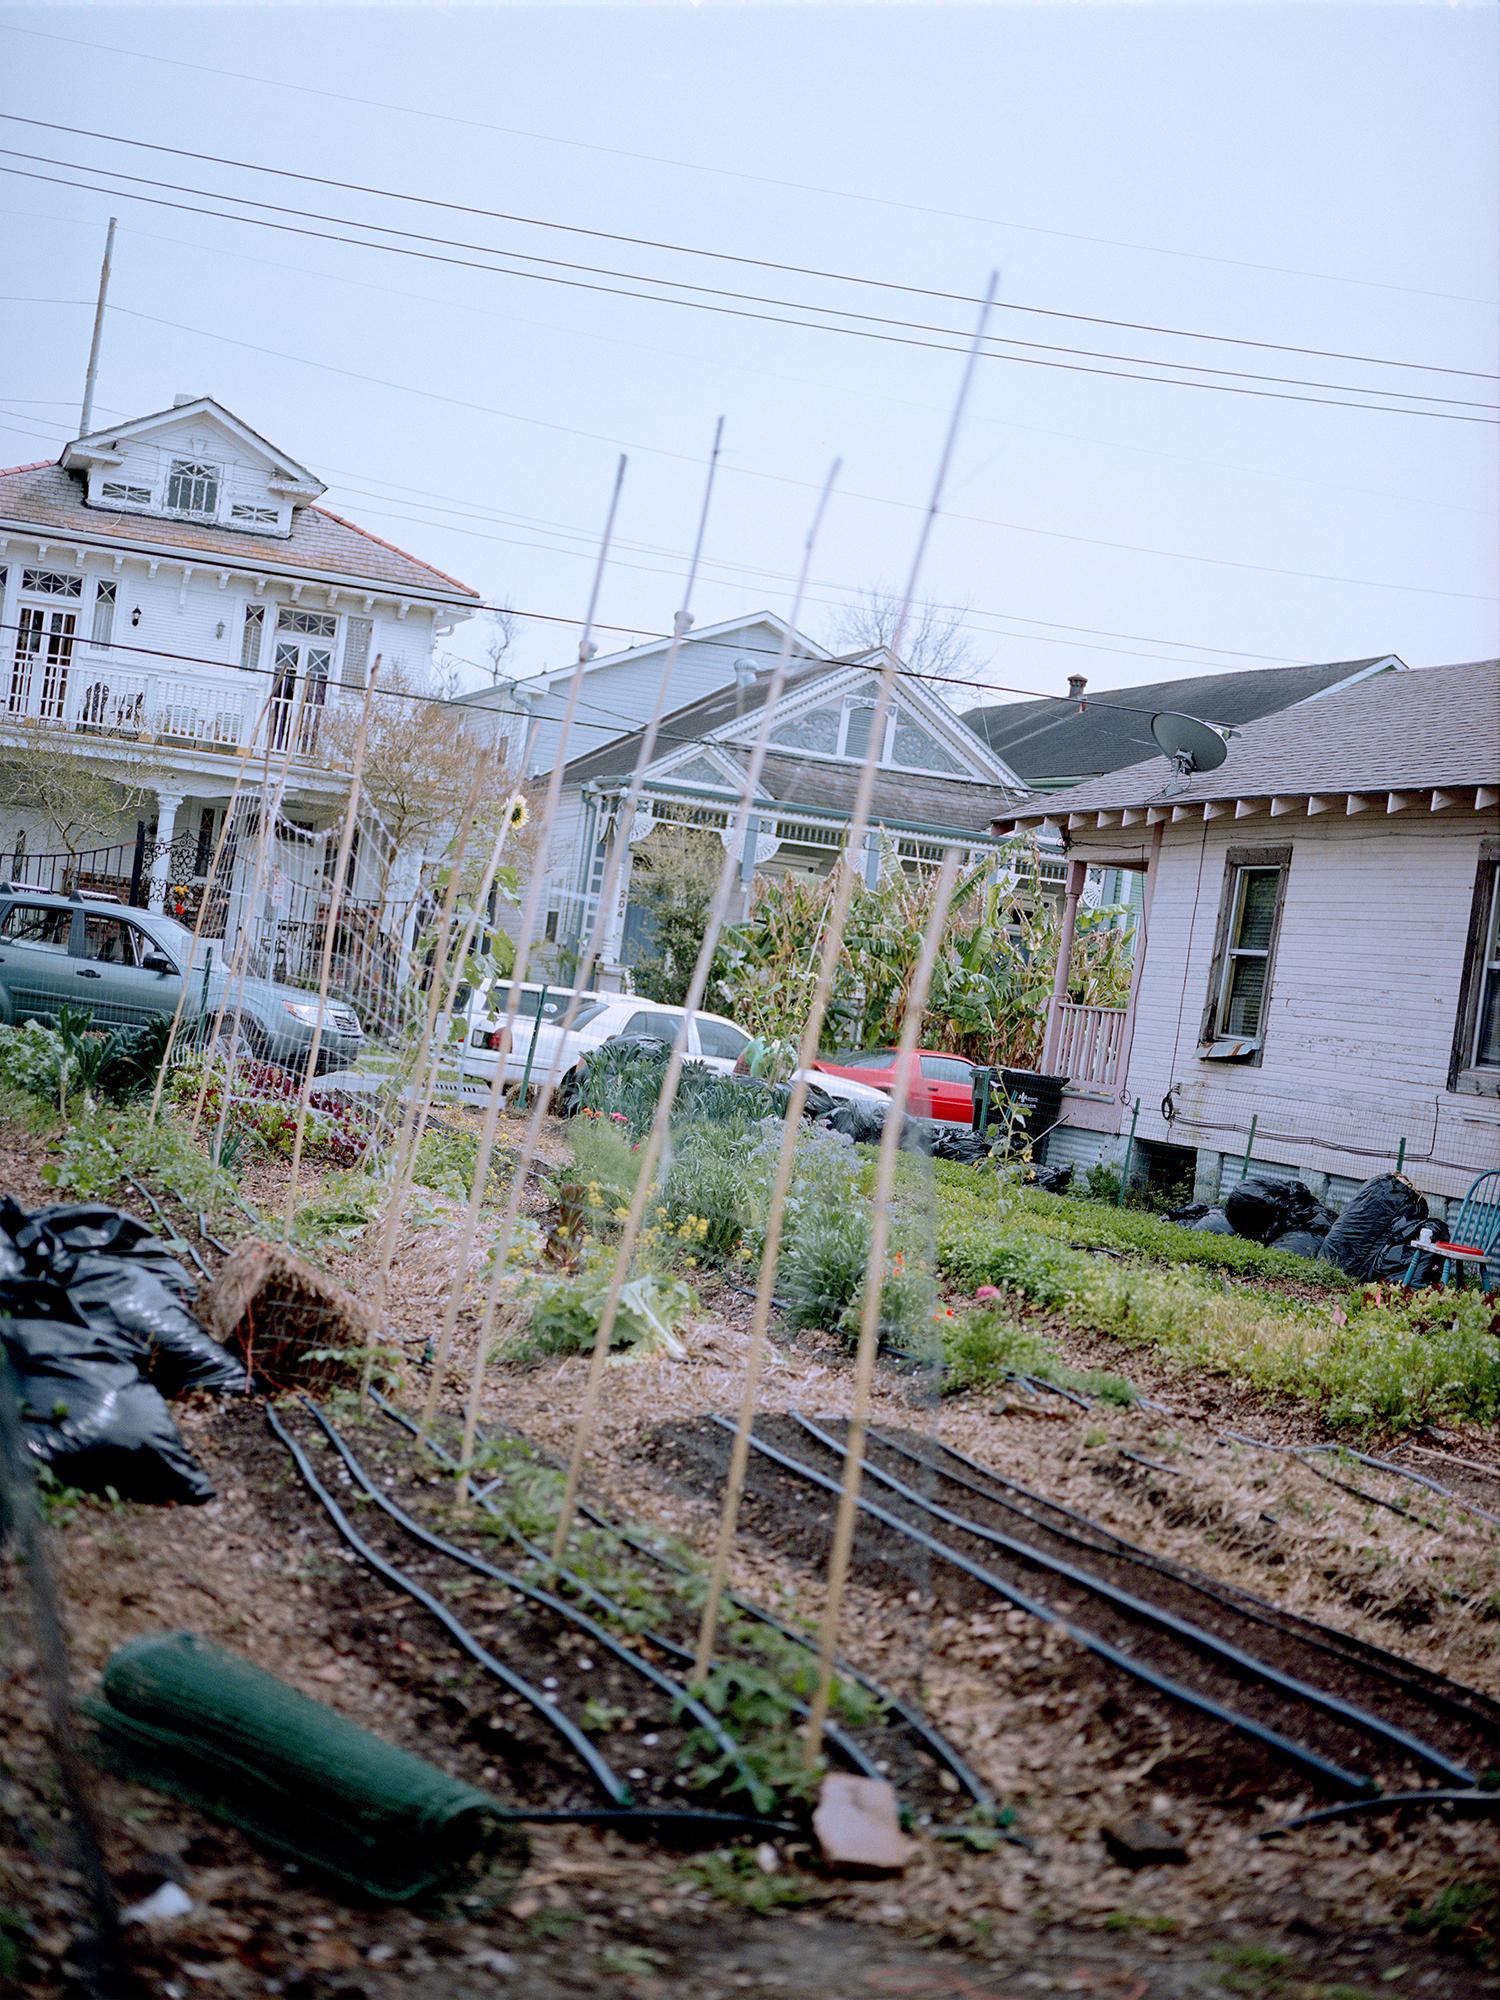 32_overgrown_rh Kopie.jpg